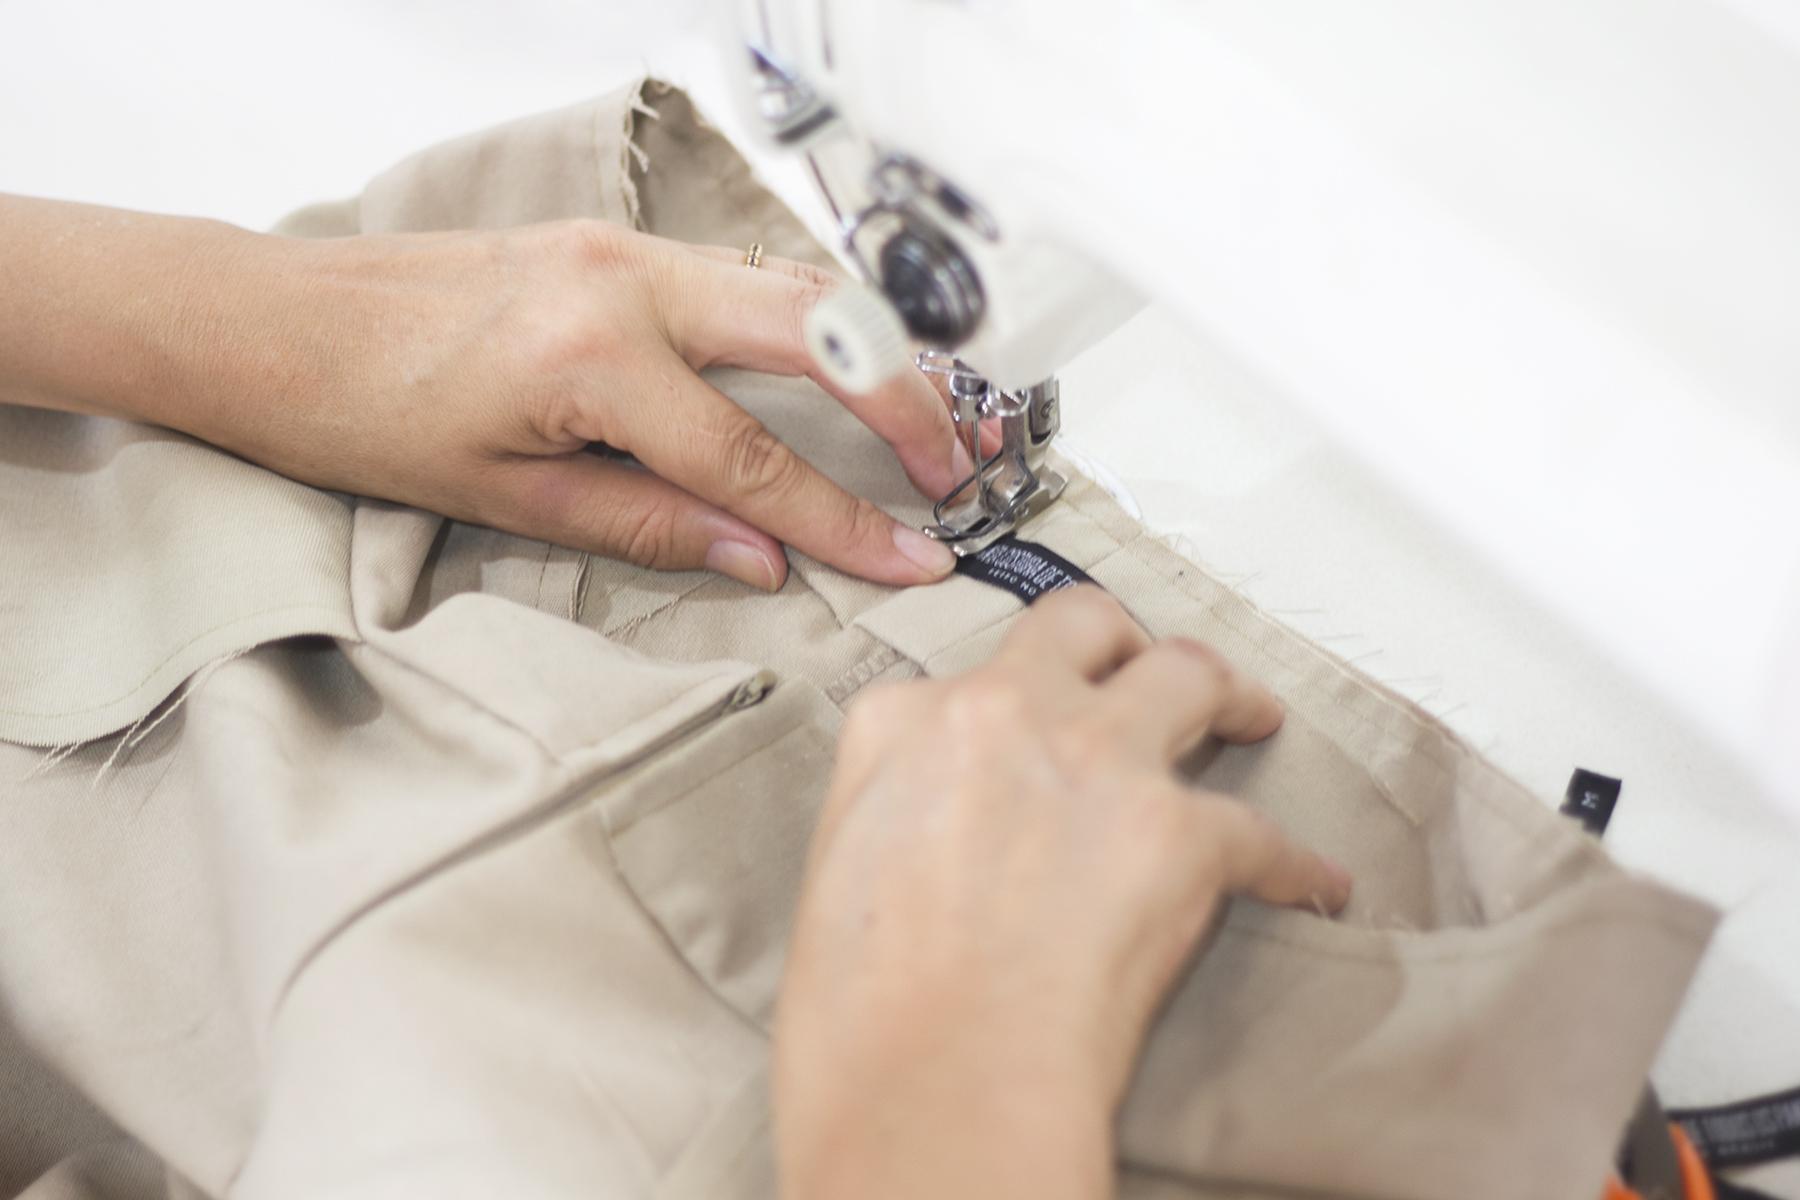 Marca slow fashion usa lonas e redes tirados do mar para criar coleção10